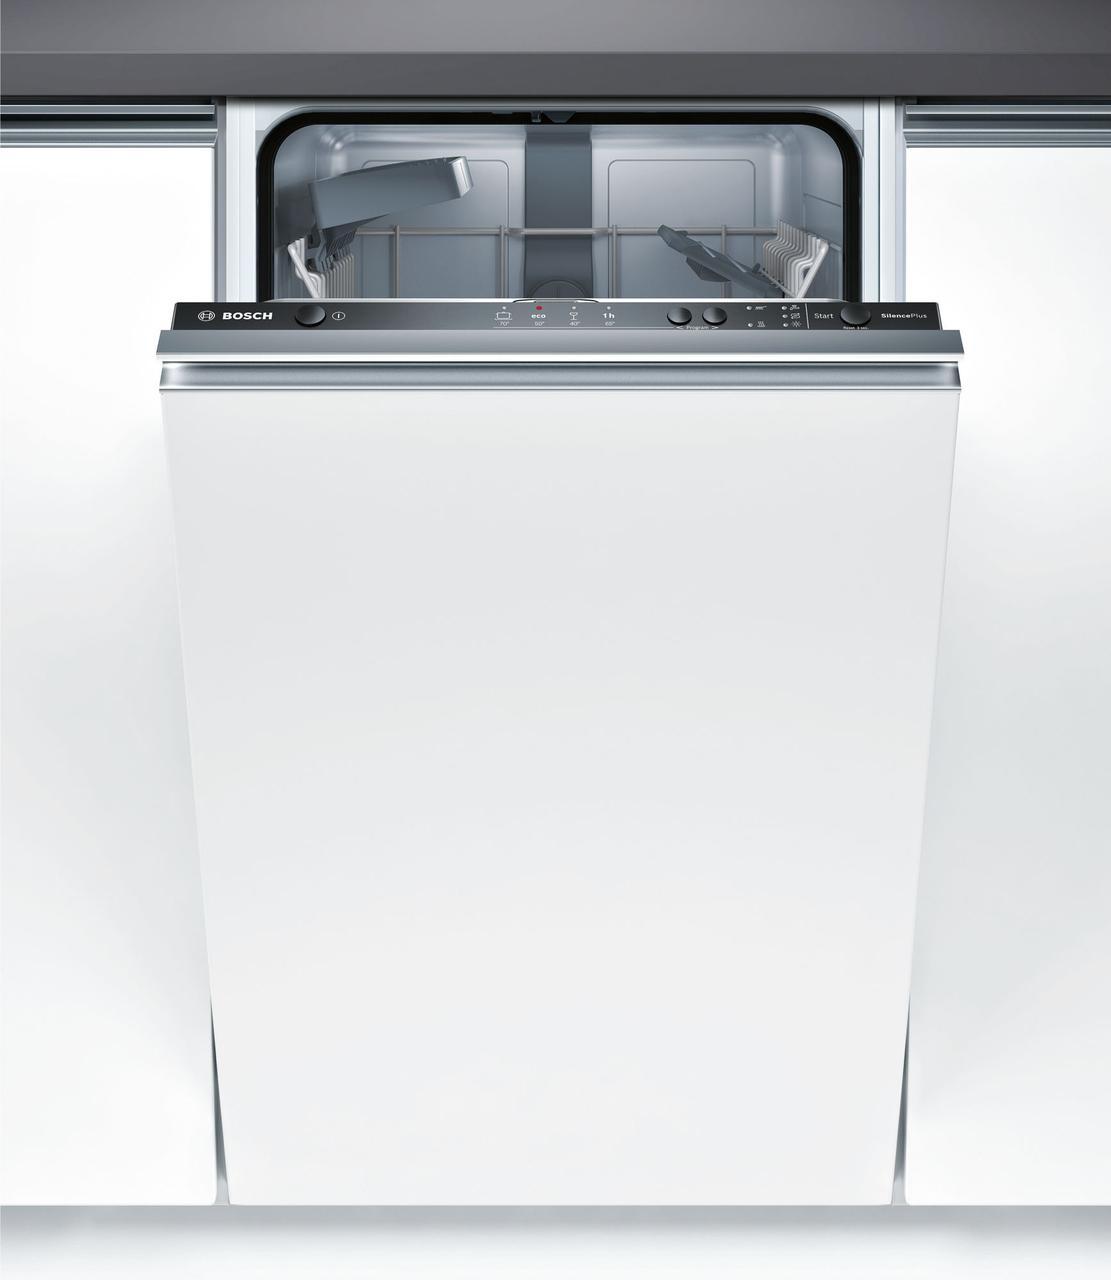 Встраиваемая посудомойка Bosch SPV24CX00E